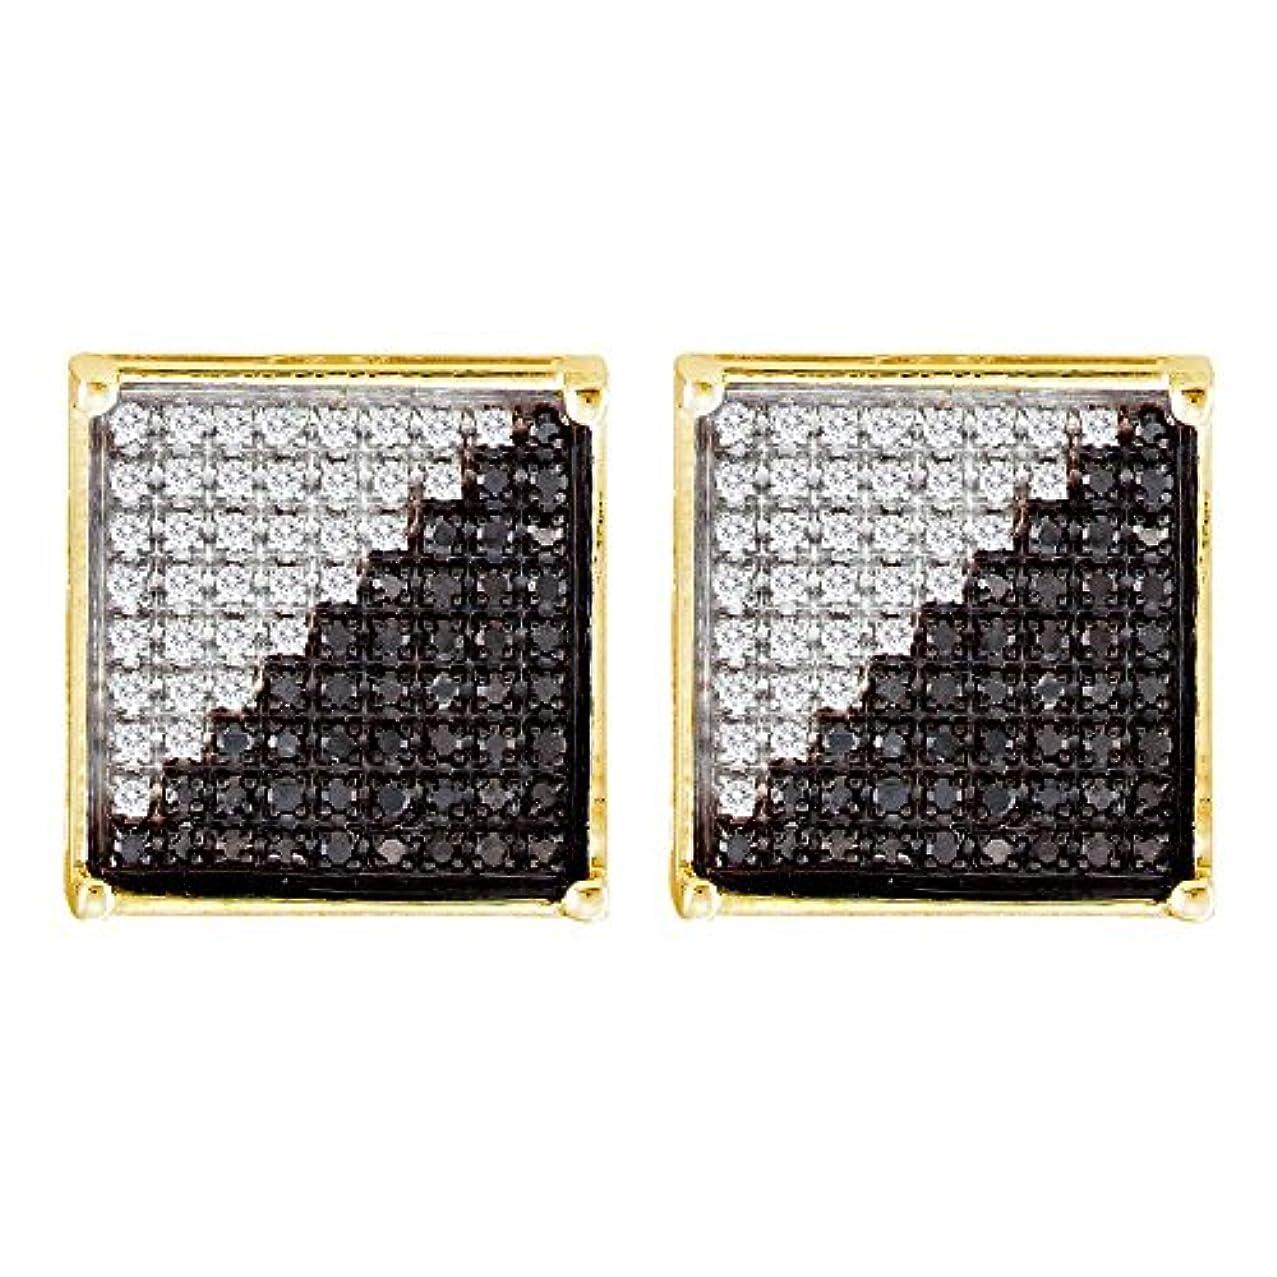 最愛のチェスをする辞任10 KTイエローゴールドメンズラウンドブラックカラーEnhancedダイヤモンド正方形クラスタイヤリング1 / 3 cttw